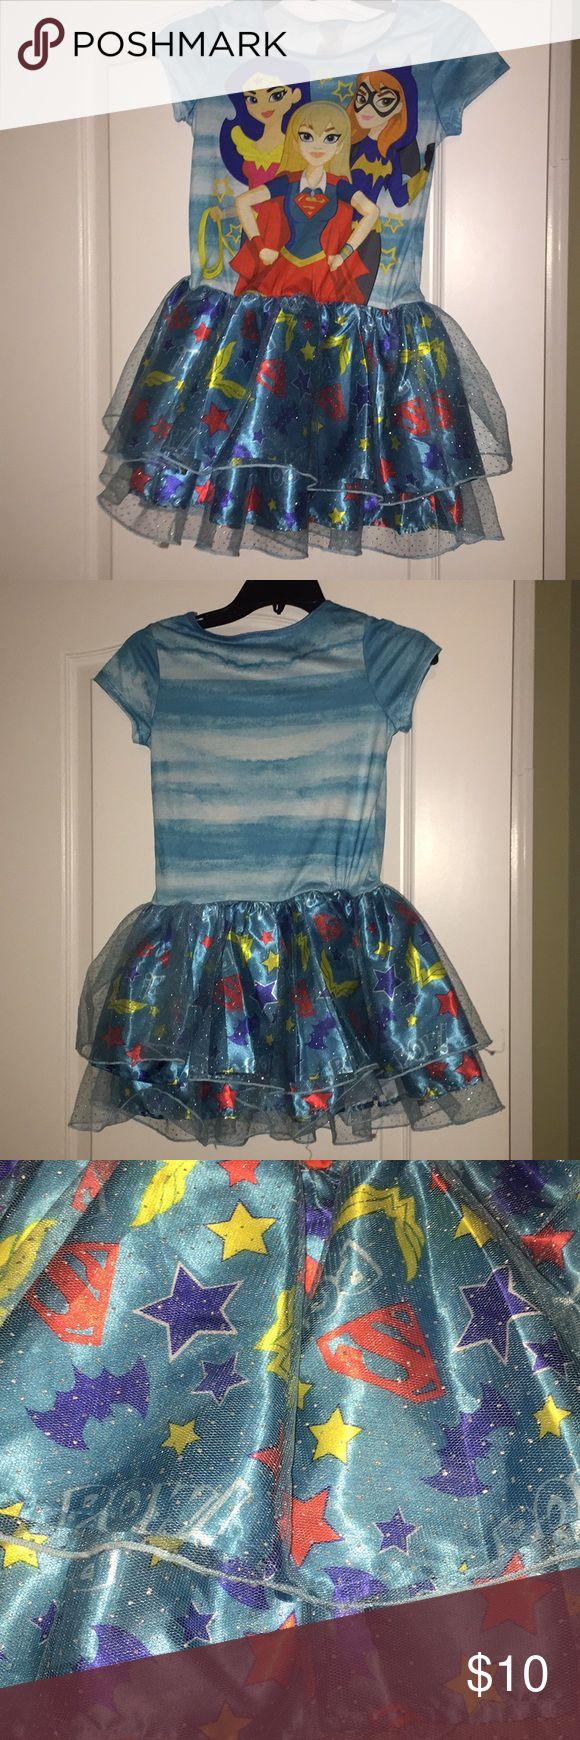 Girls Superhero Tutu Dress Girls Superhero Tutu Dress- never worn DC Superhero Girls Costumes Superhero